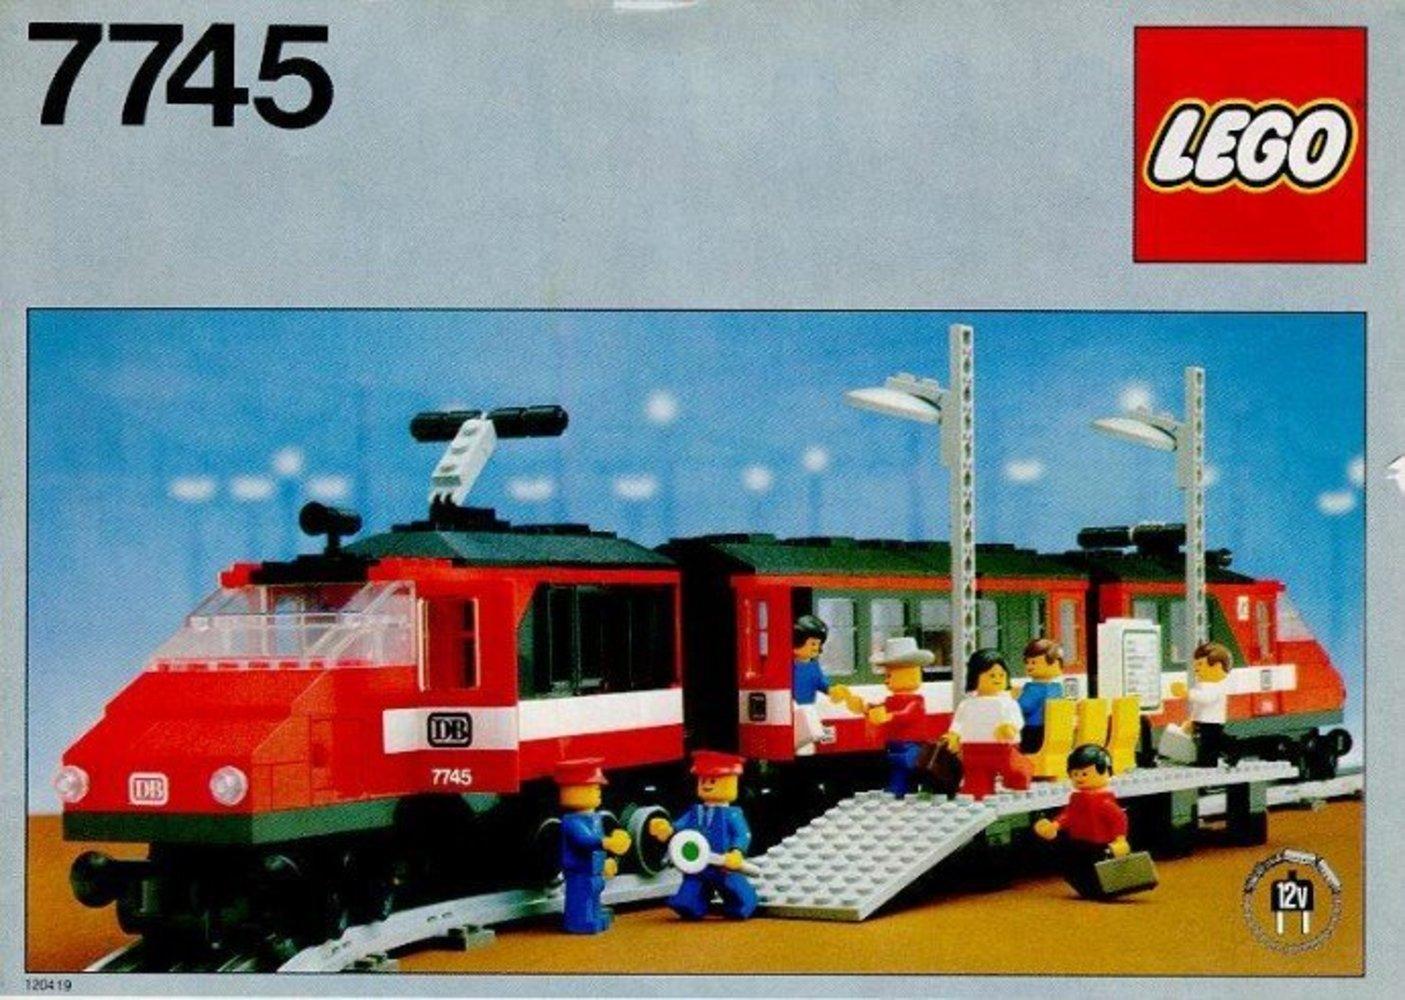 High-Speed City Express Passenger Train